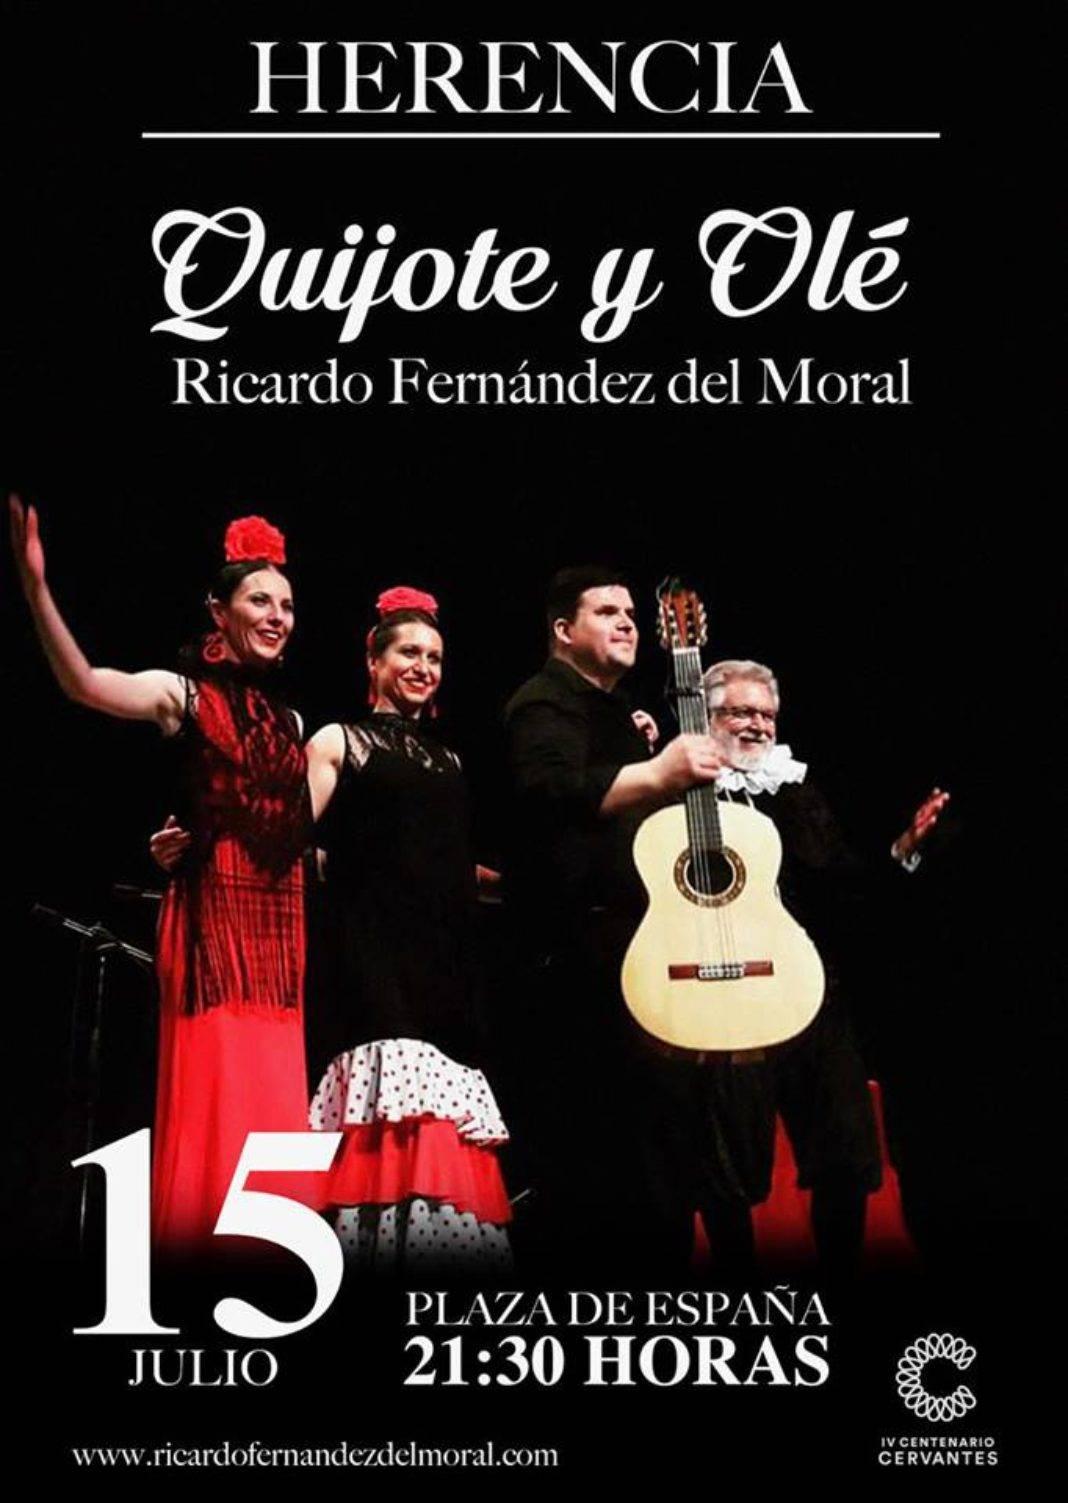 """DhaG8zAXcAAisgm.jpg large 1068x1503 - Ricardo Fernández del Moral llega a Herencia con su """"Quijote y olé"""""""